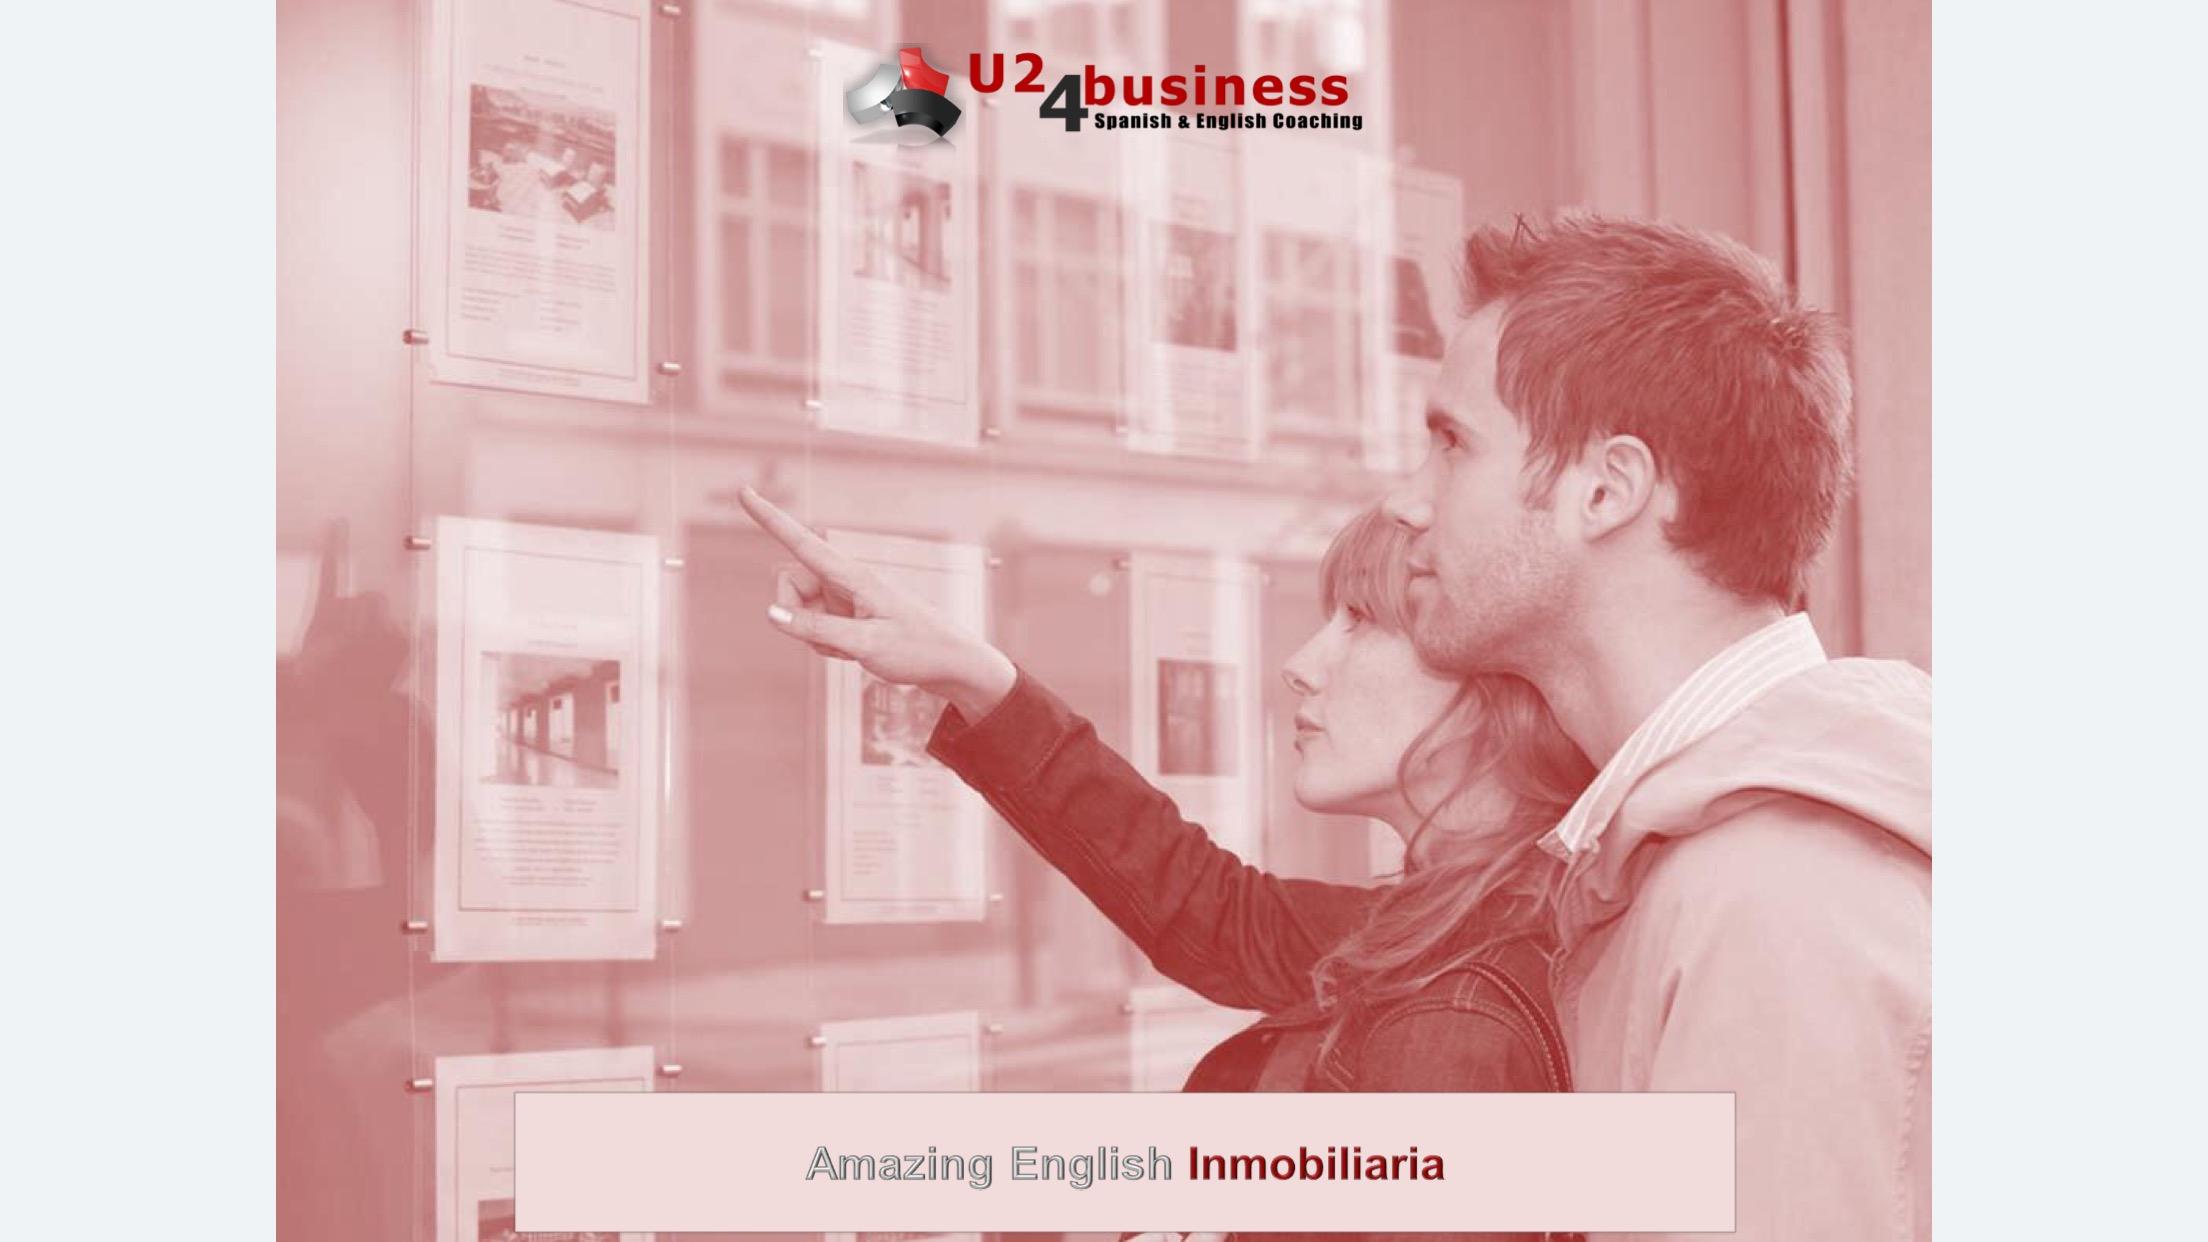 Ingles De Negocios Vocabulario Pagina 27 U24business